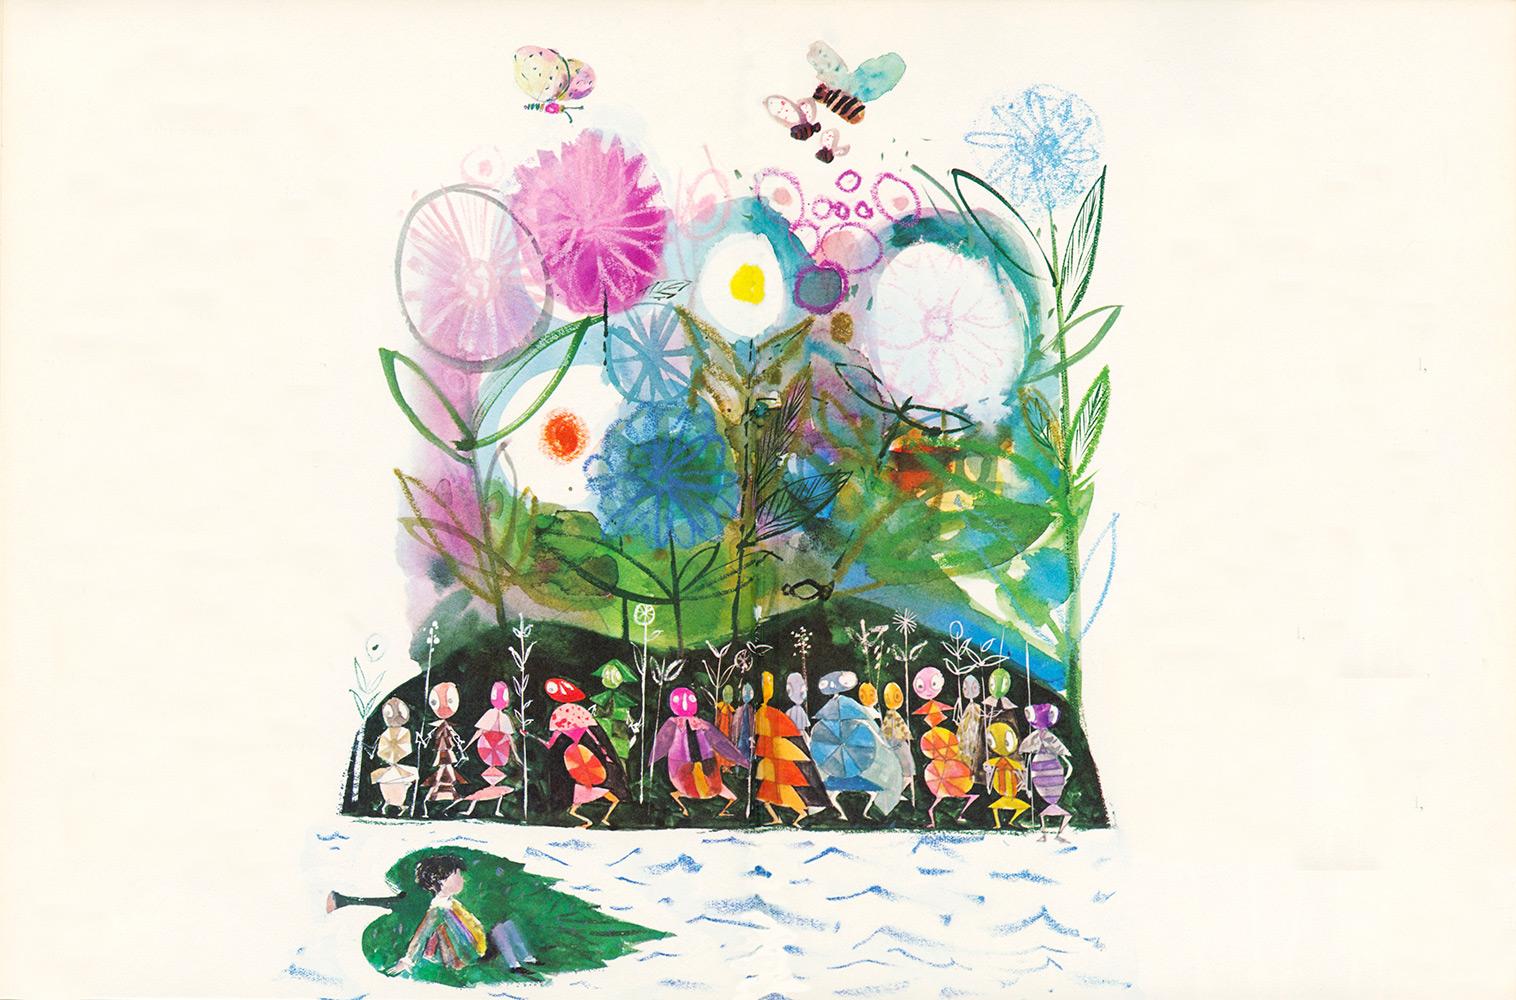 Robert-Louis-Stevenson-a-childs-garden-of-verses-The-Little-Land-Brian-Wildsmith.jpg